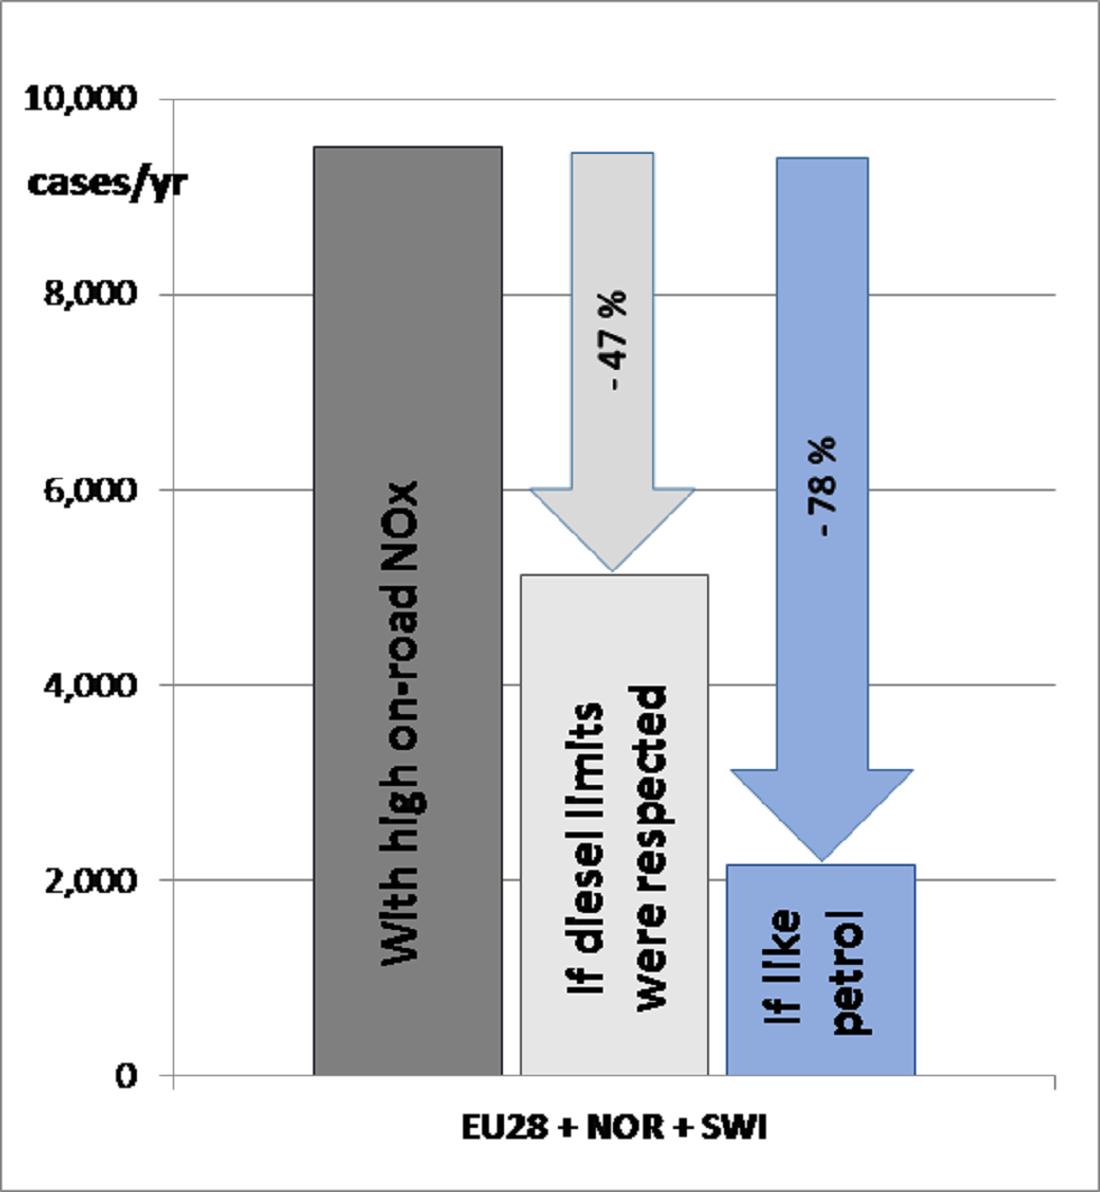 Počet předčasných úmrtí způsobených emisemi z dieselových automobilů